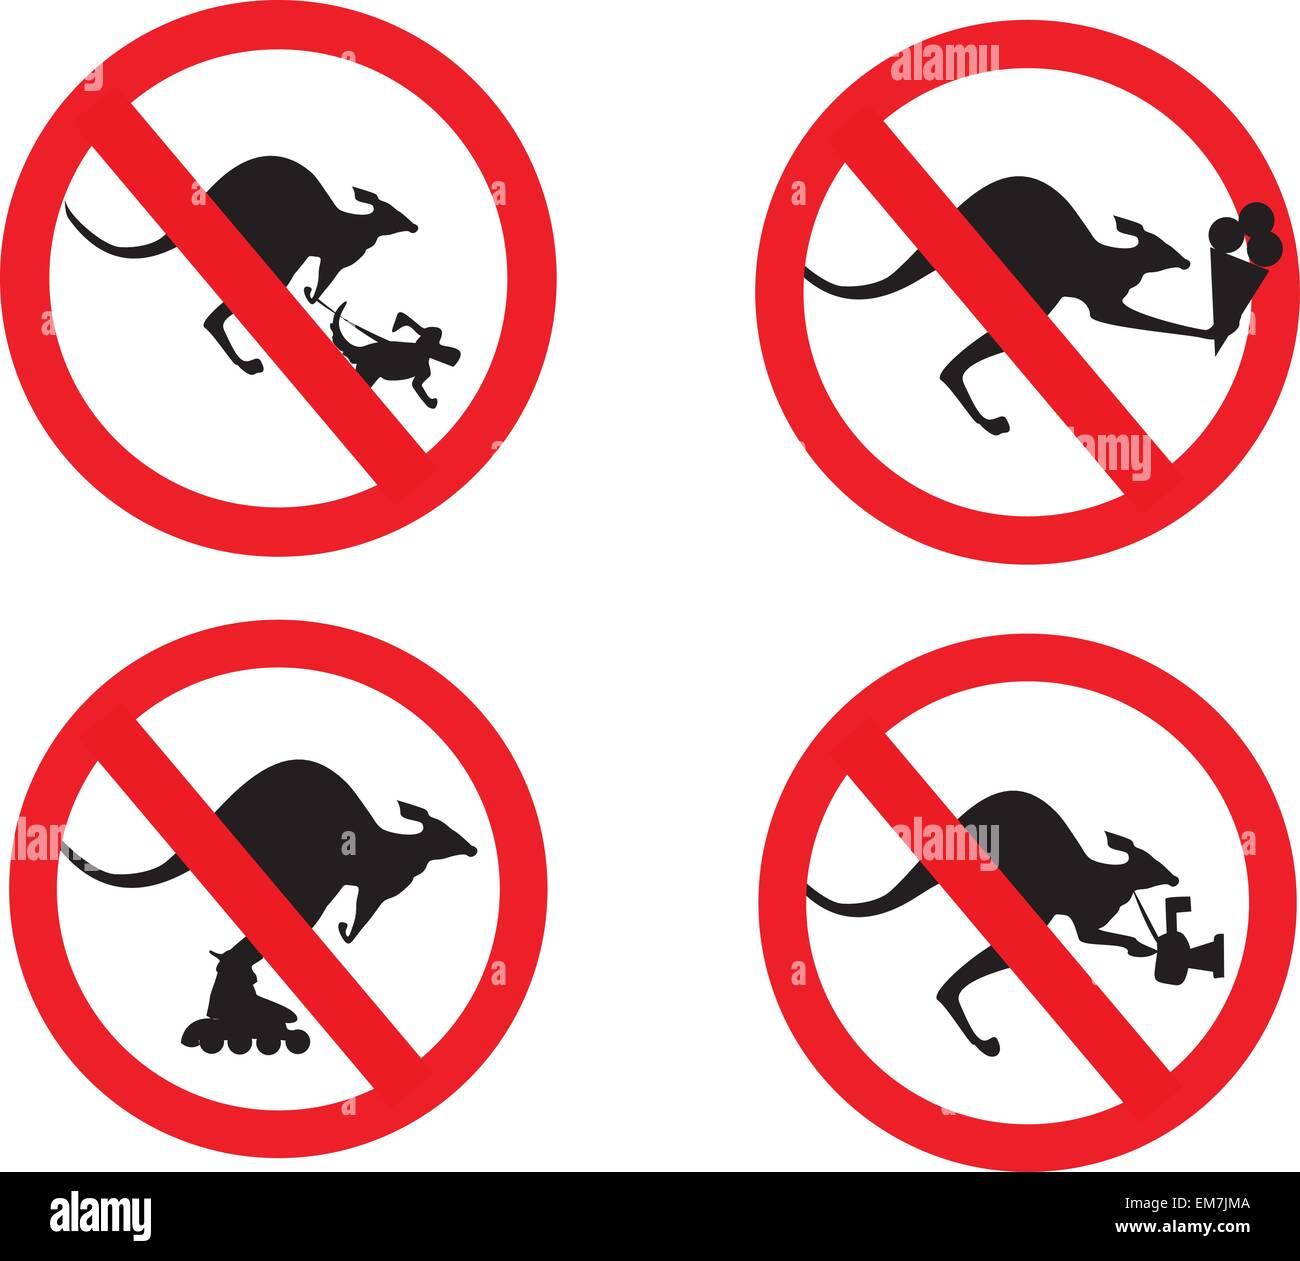 kangaroos no entry sign set - Stock Image